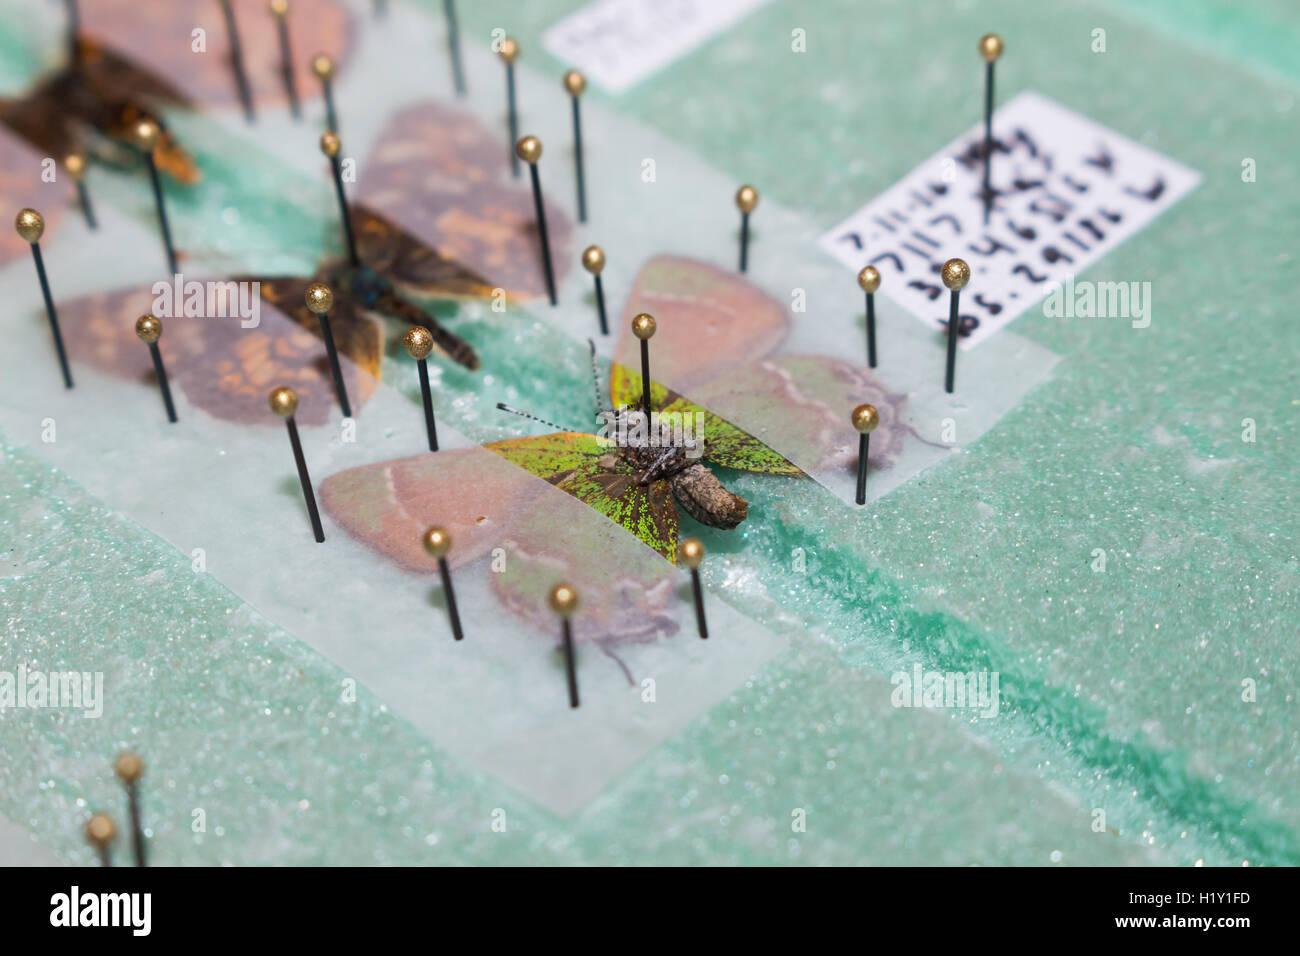 Merken und Ausbreitung Schmetterlinge auf einem sich ausbreitenden Brett, bereitet sie auf eine Sammlung Stockfoto